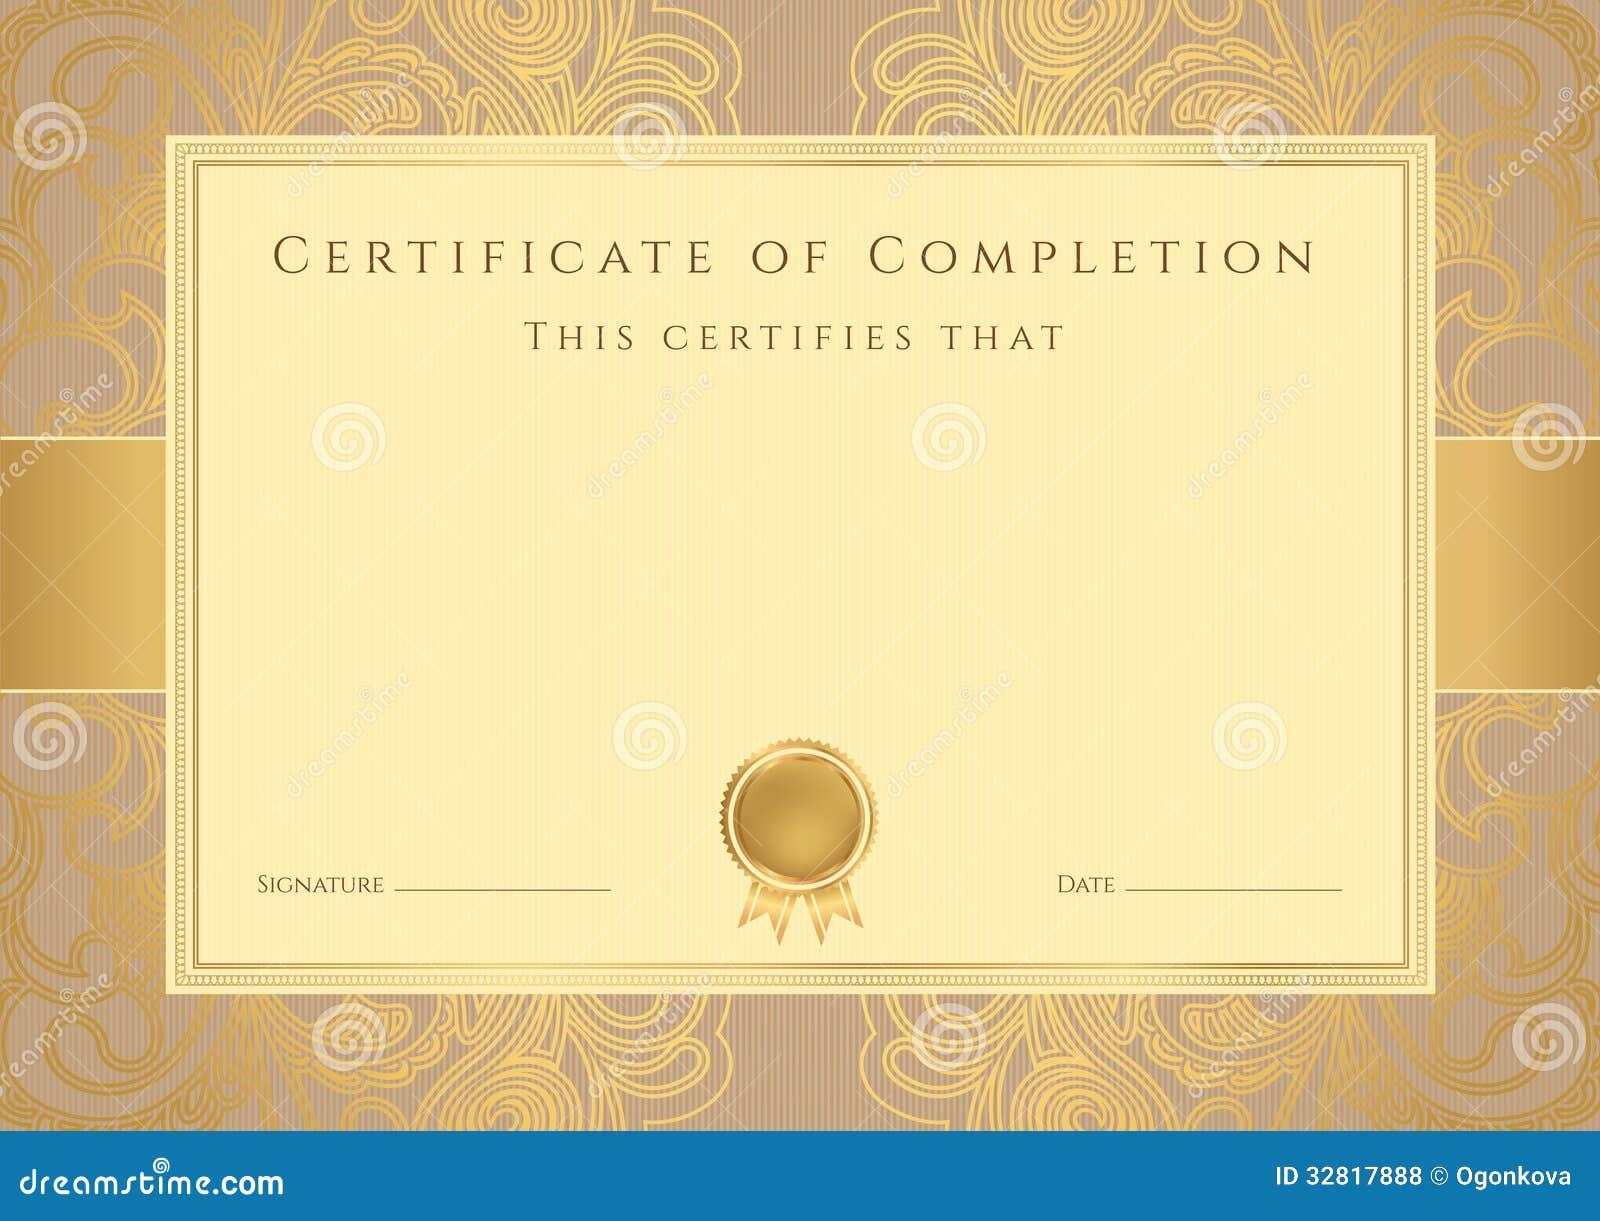 Fundo do certificado/diploma (molde). Teste padrão